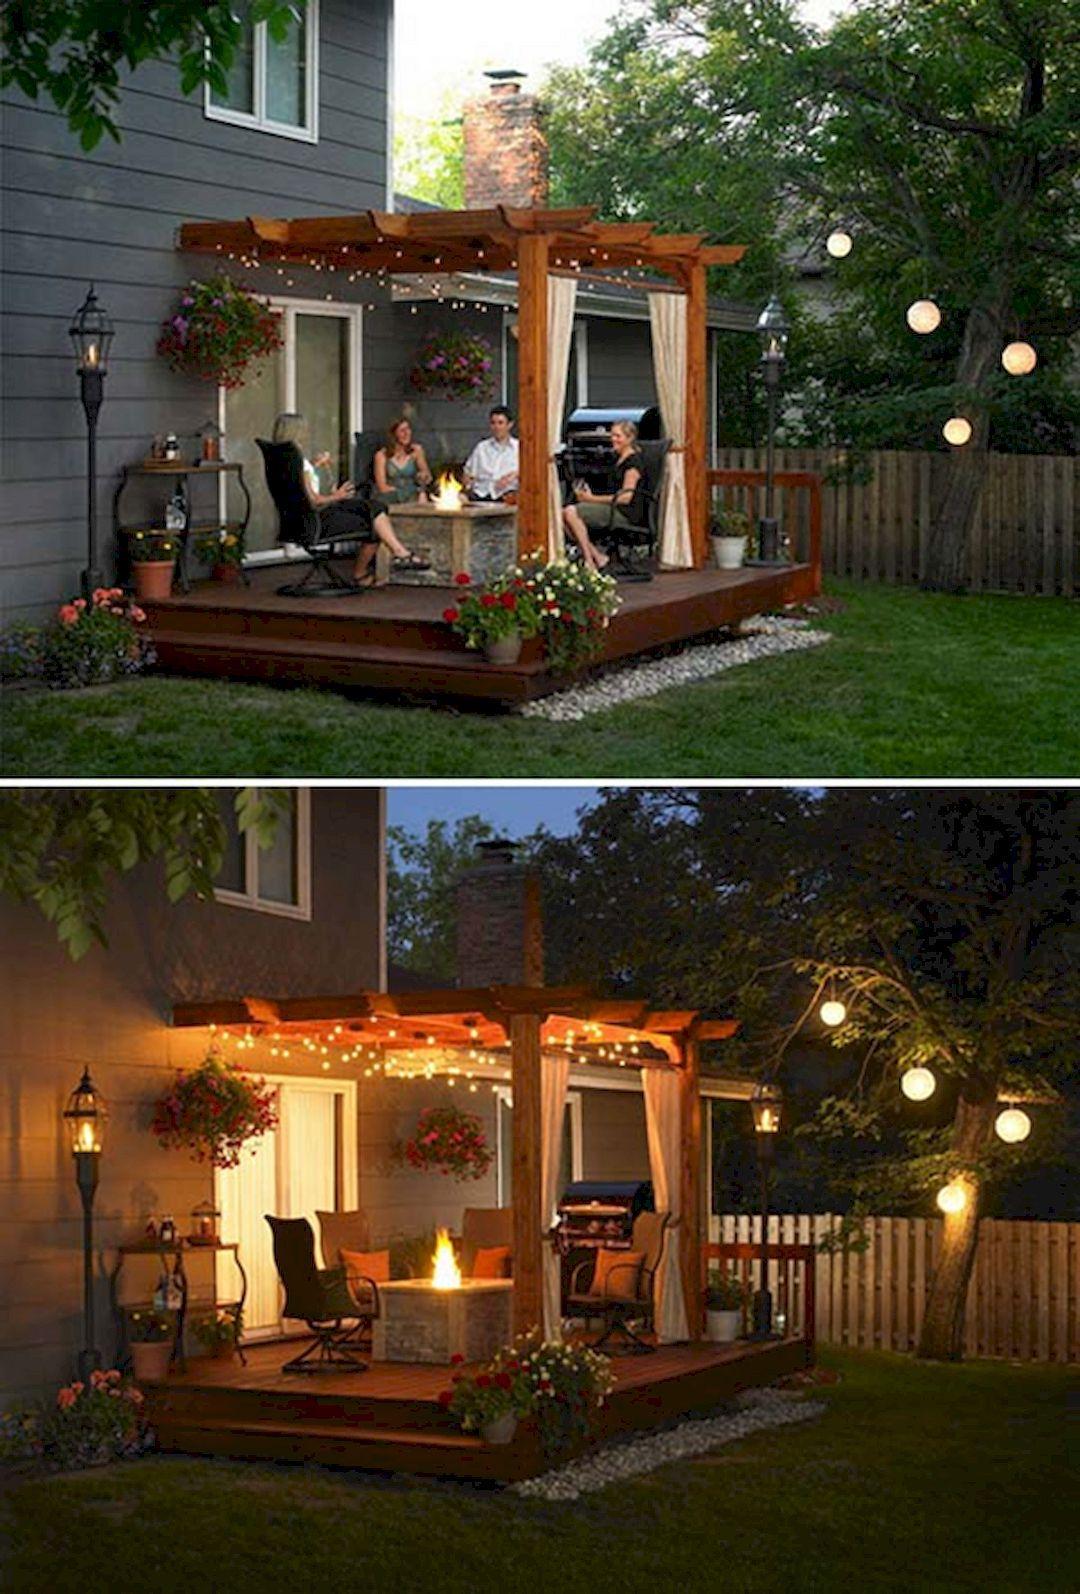 4 Tips To Start Building a Backyard Deck | Backyard deck ...